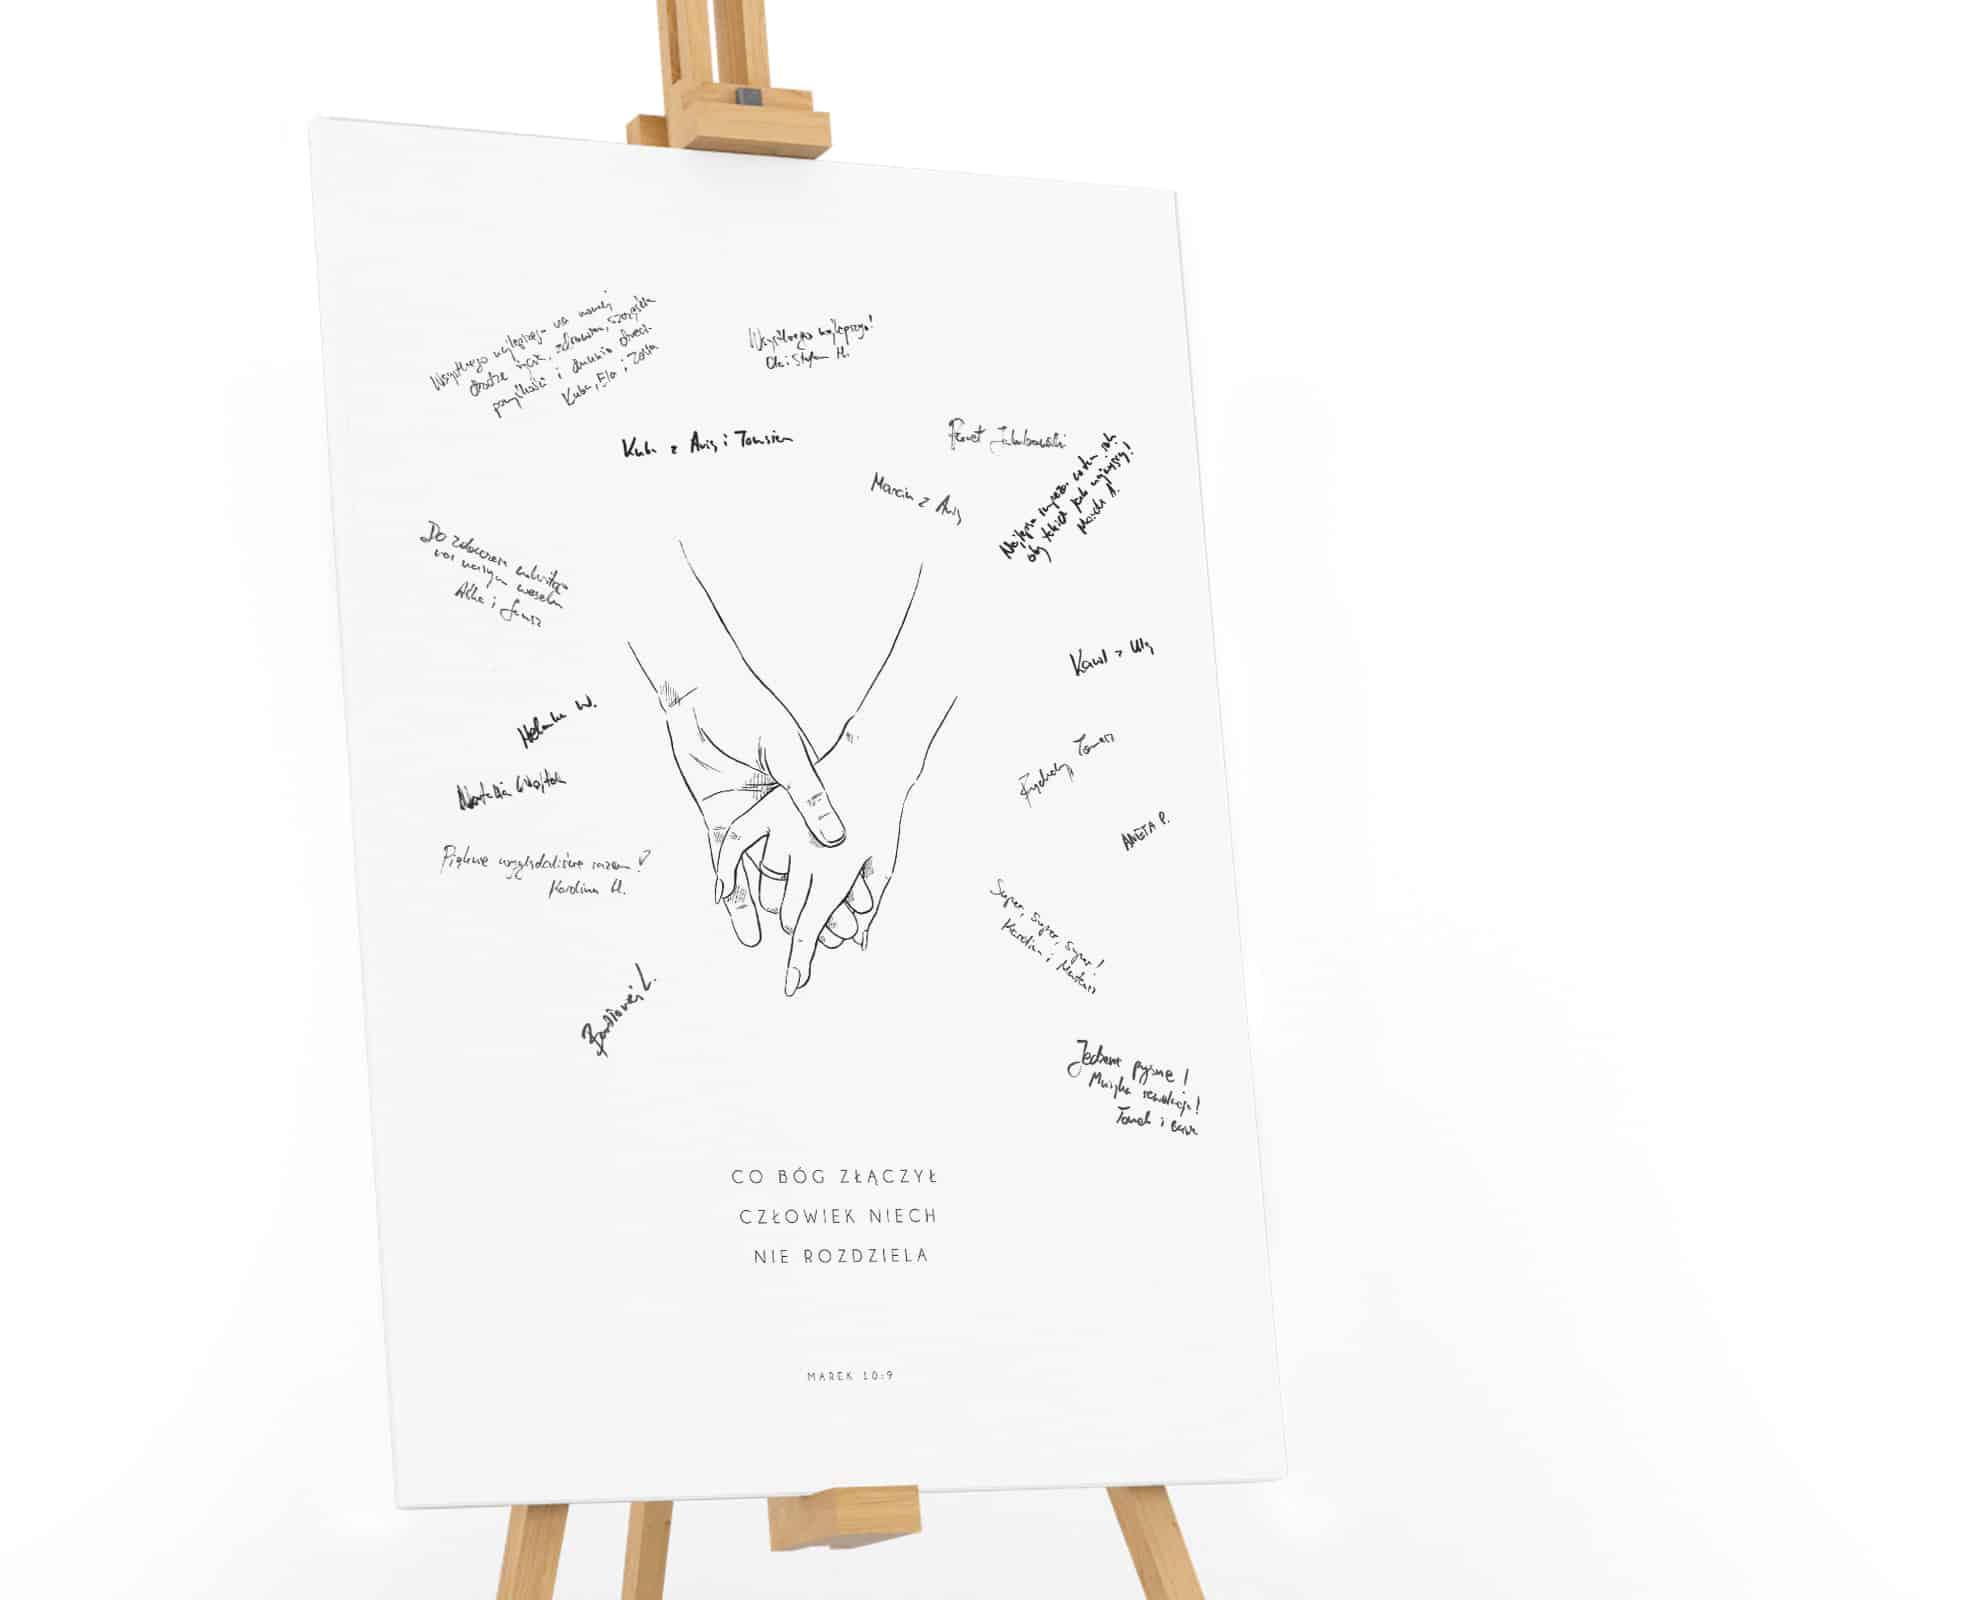 Księga gości do pozostawiania życzeń ze szkice dłoni Pary Młodej